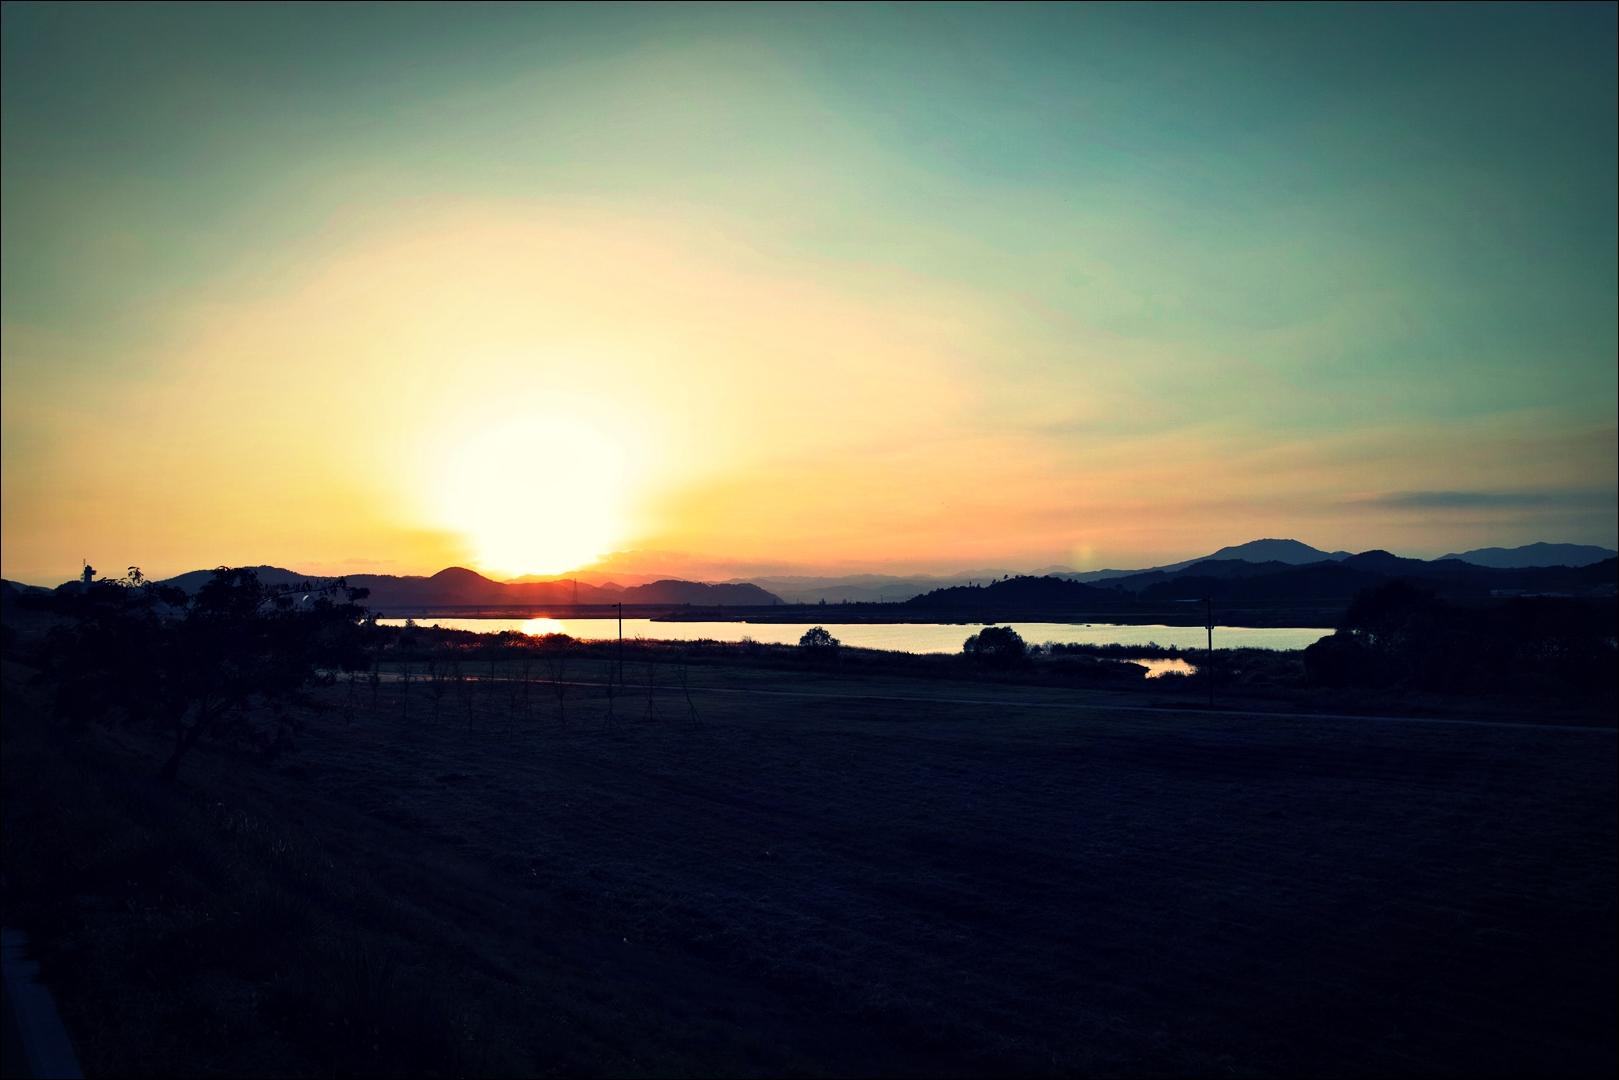 석양-'금강 자전거 캠핑 종주'